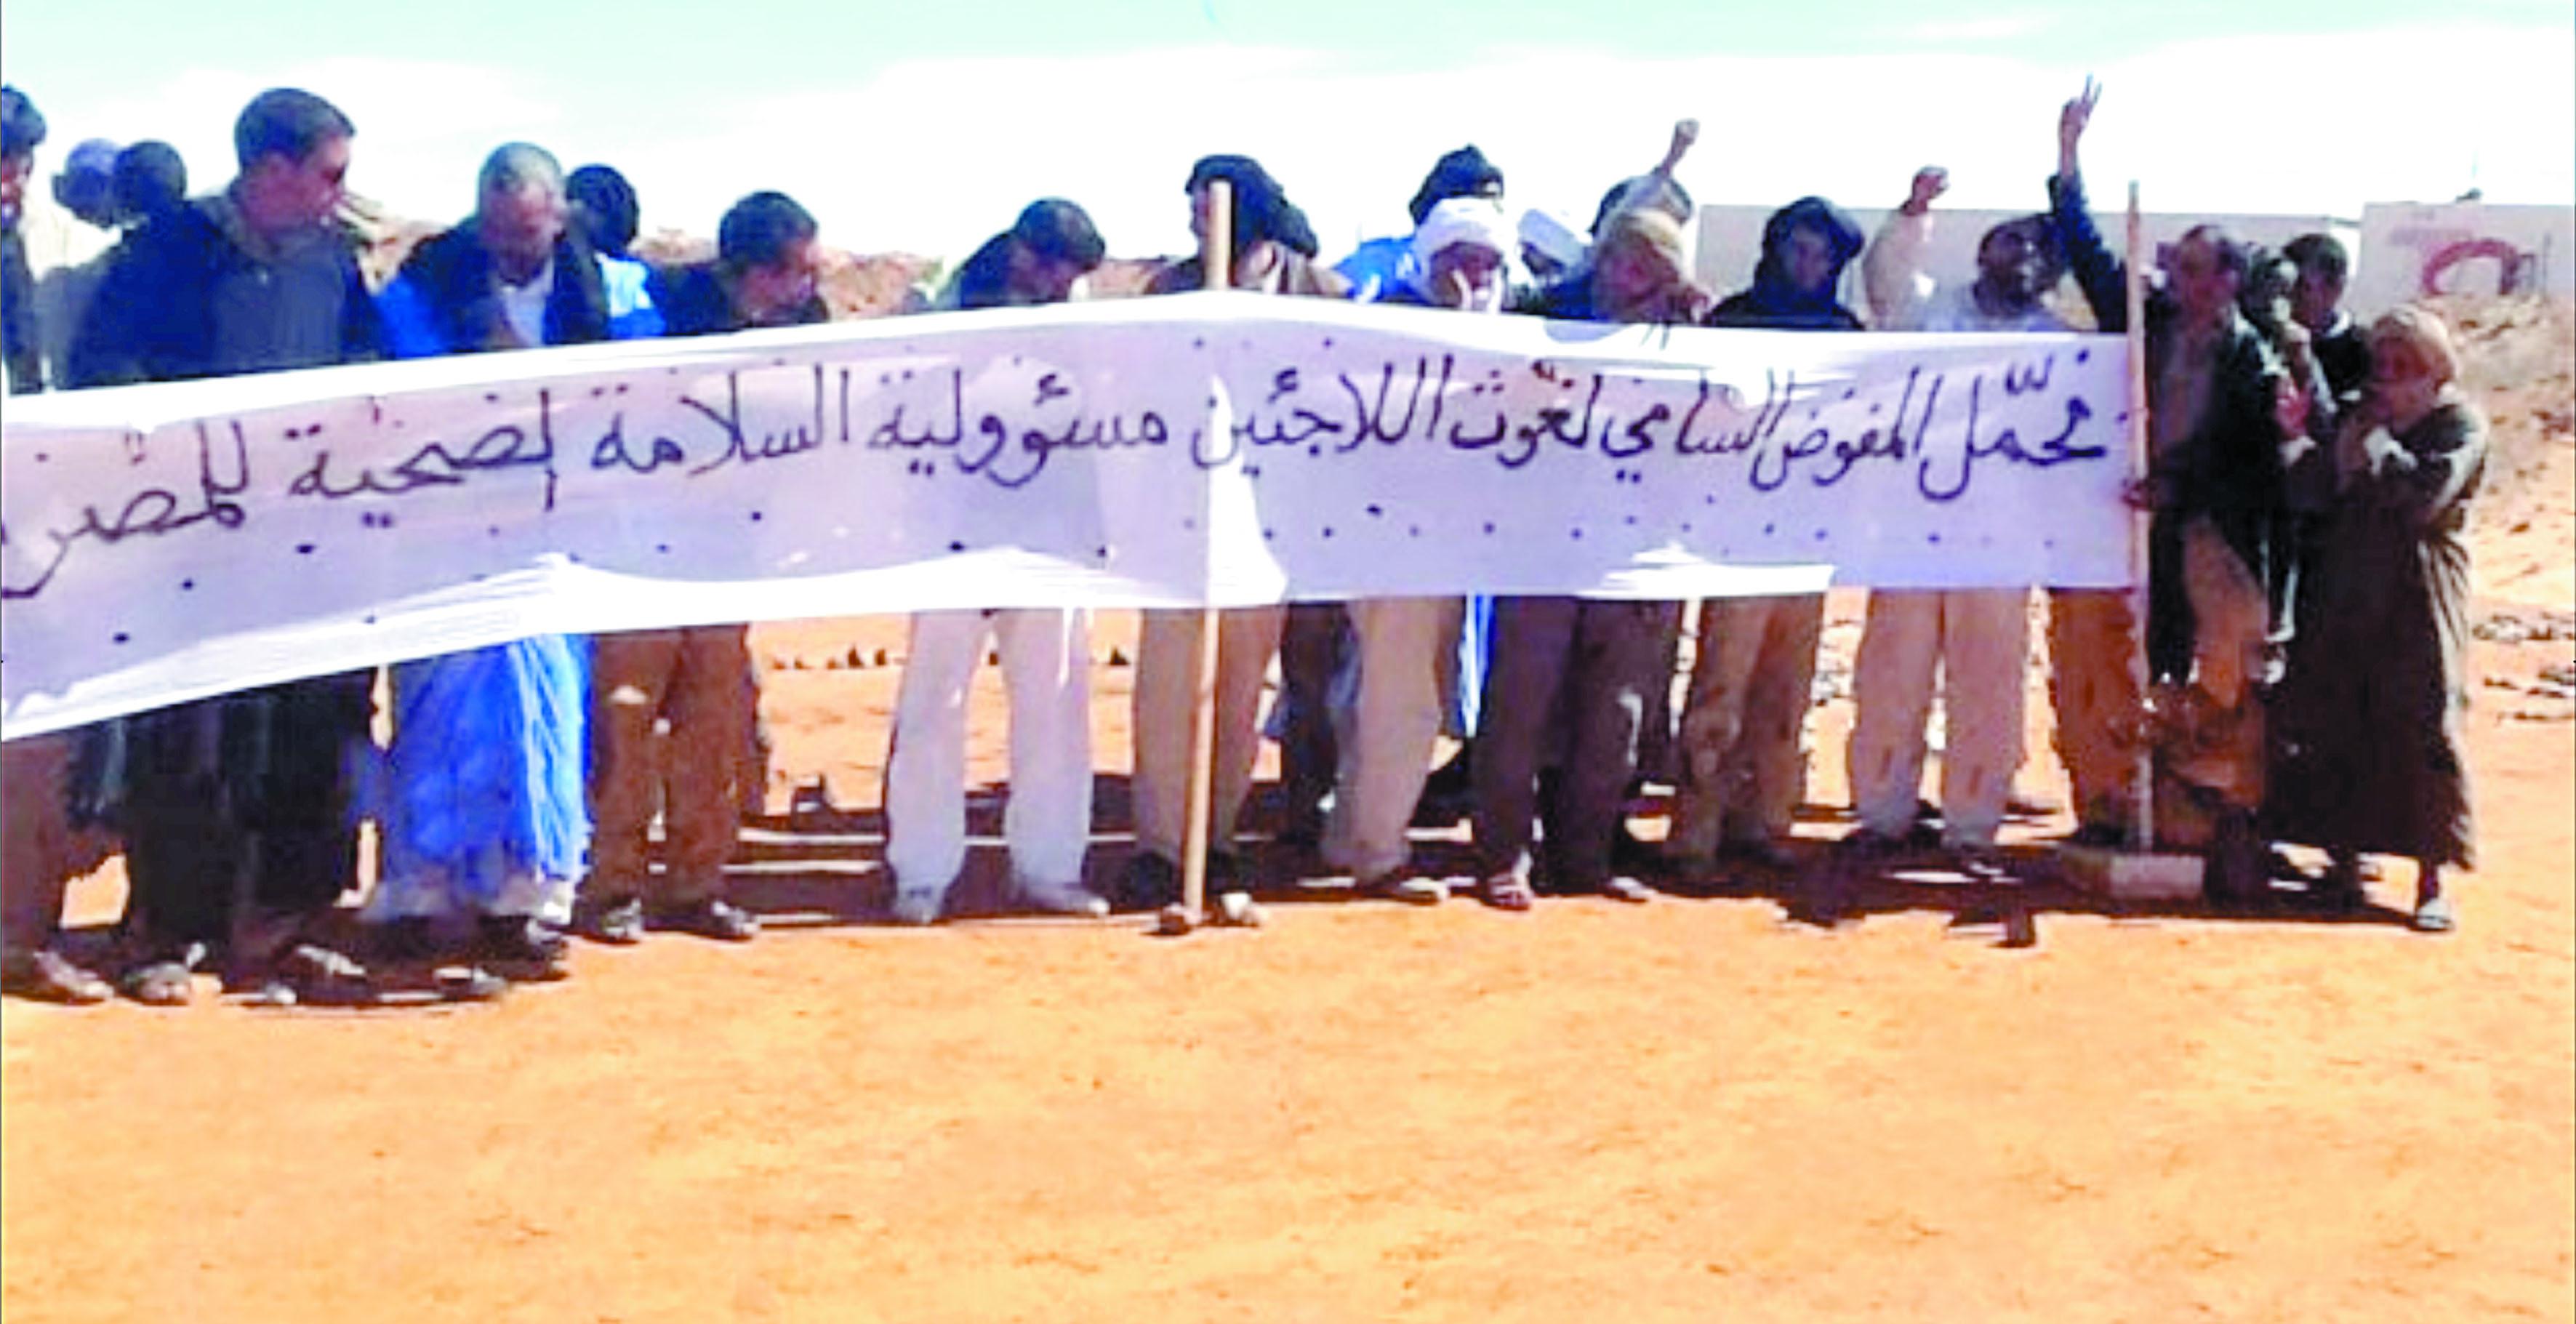 Le HCR prend langue avec les  anti-Polisario des camps de Tindouf